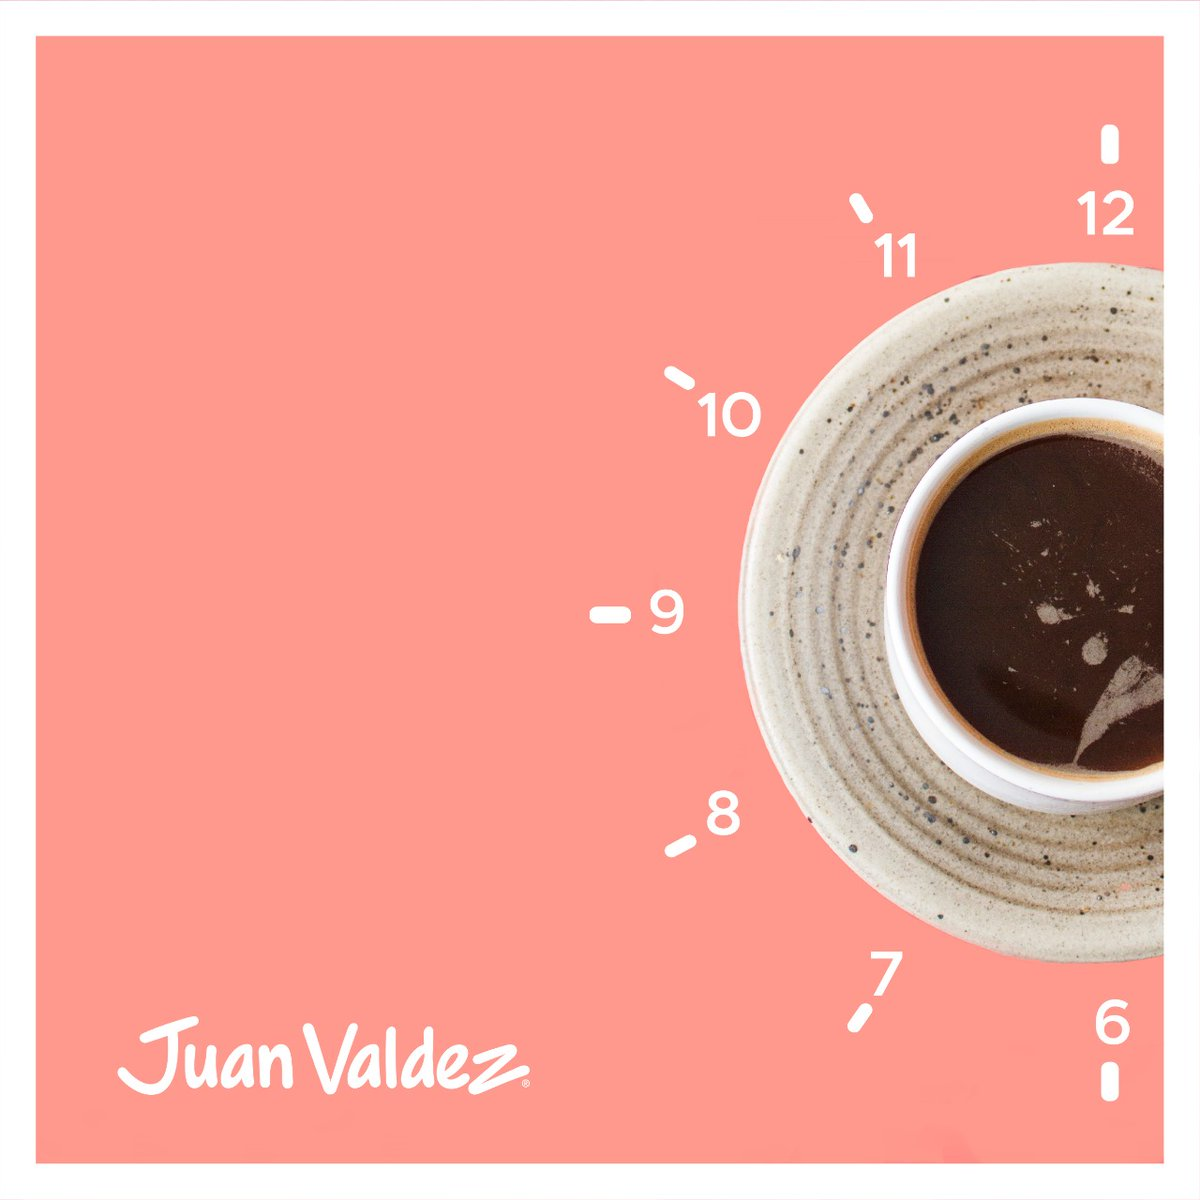 ¿A qué hora de la mañana te gusta tomarte tu primer café?☕⏰ https://t.co/C9agvuNmgS